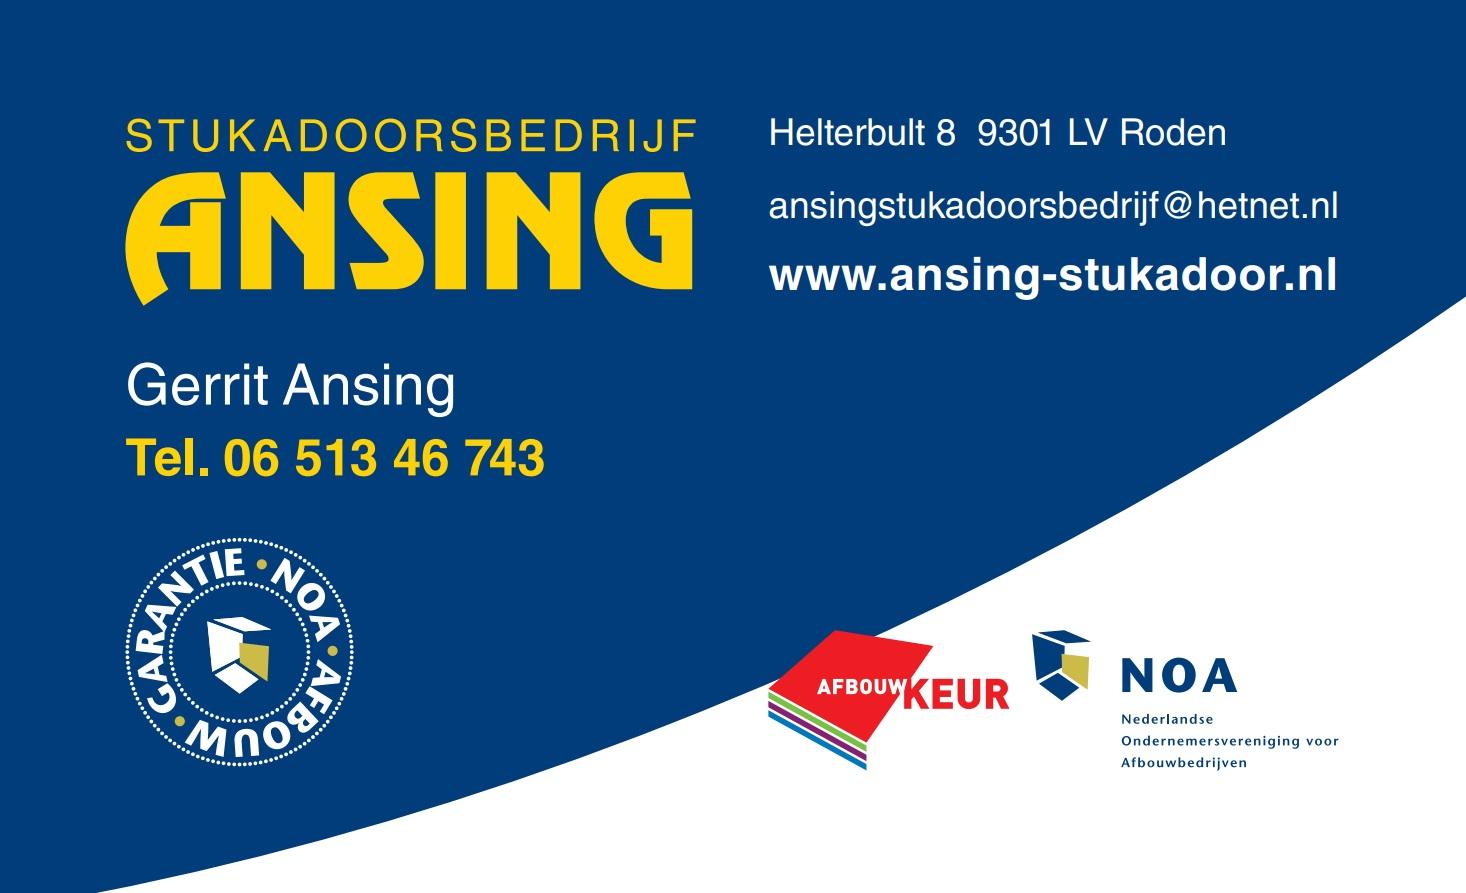 Ansing Stucadoorsbedrijf